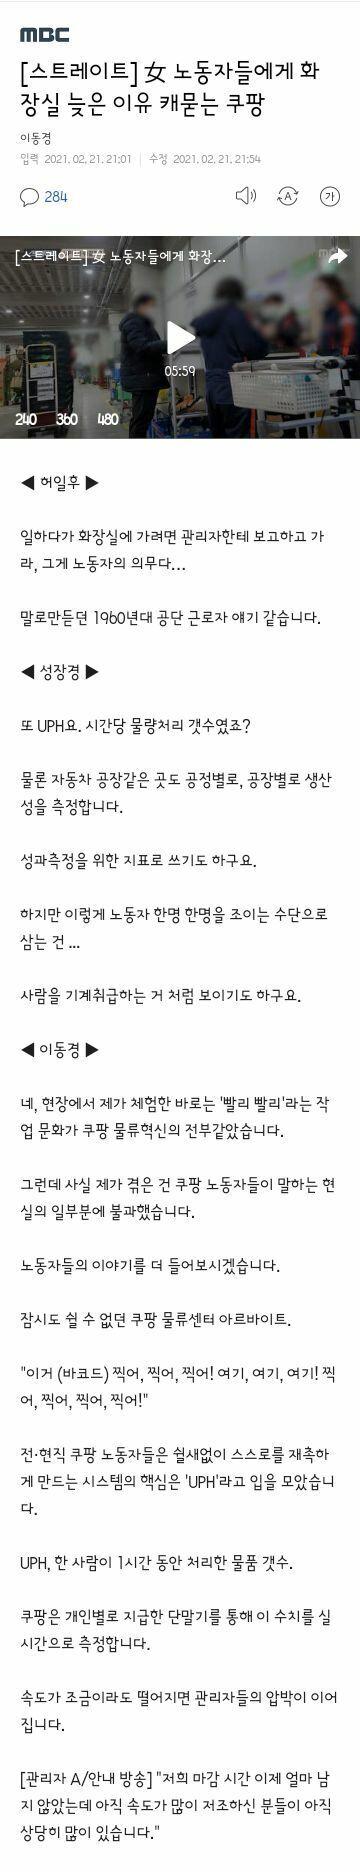 [이슈]스트레이트에서 나온 쿠팡 노동의 실체